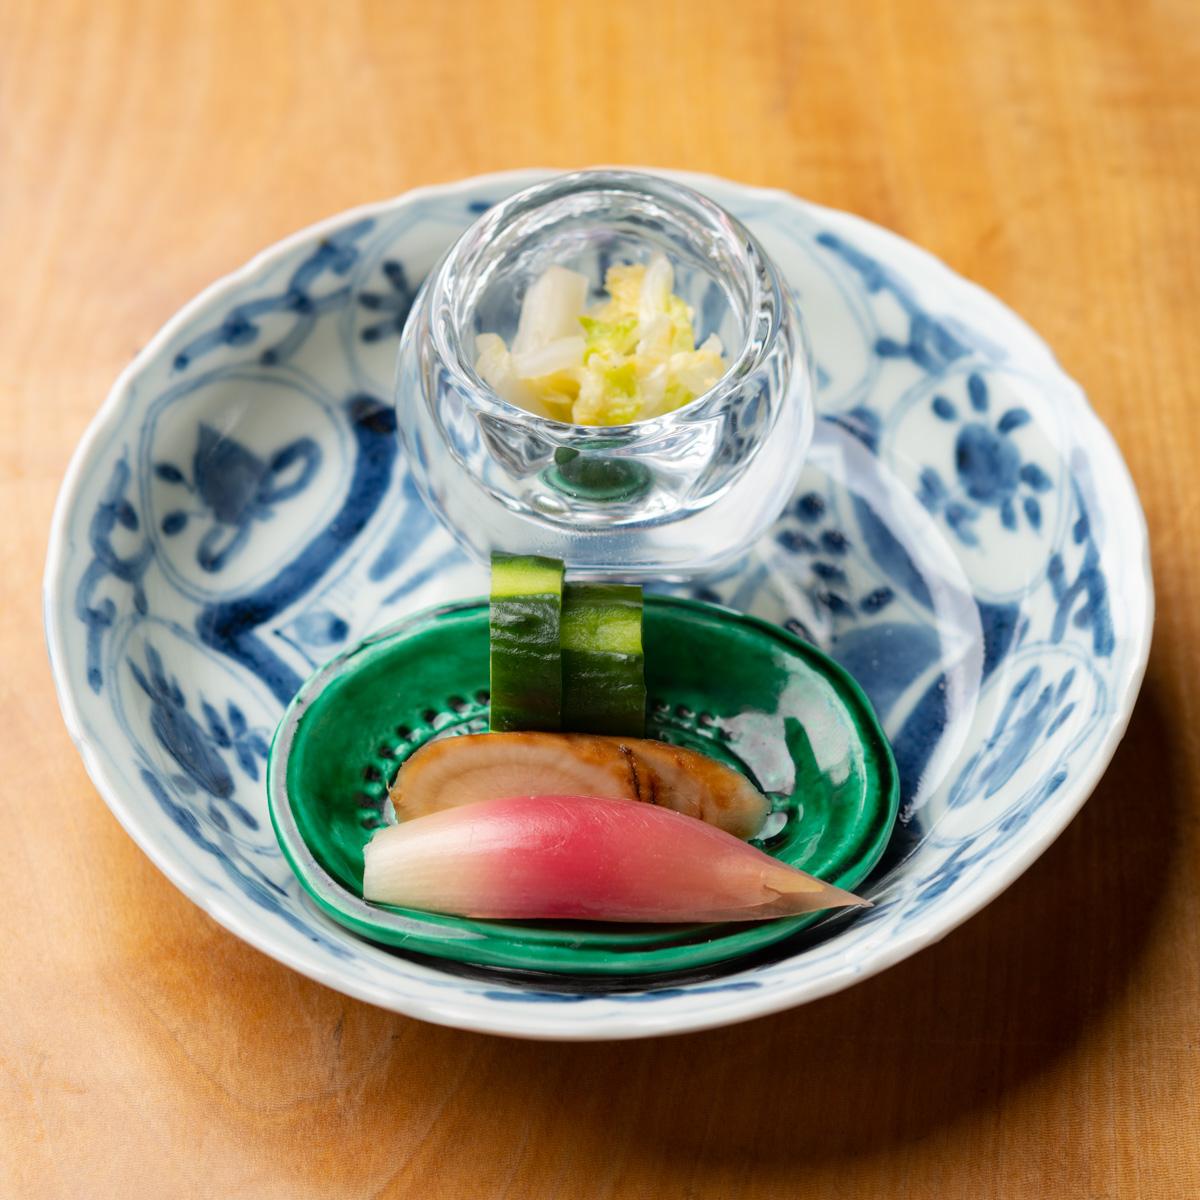 香の物|きゅうりのぬか漬け、みょうがの甘酢漬け、白菜の柚子漬け、京ごぼうの醤油漬け